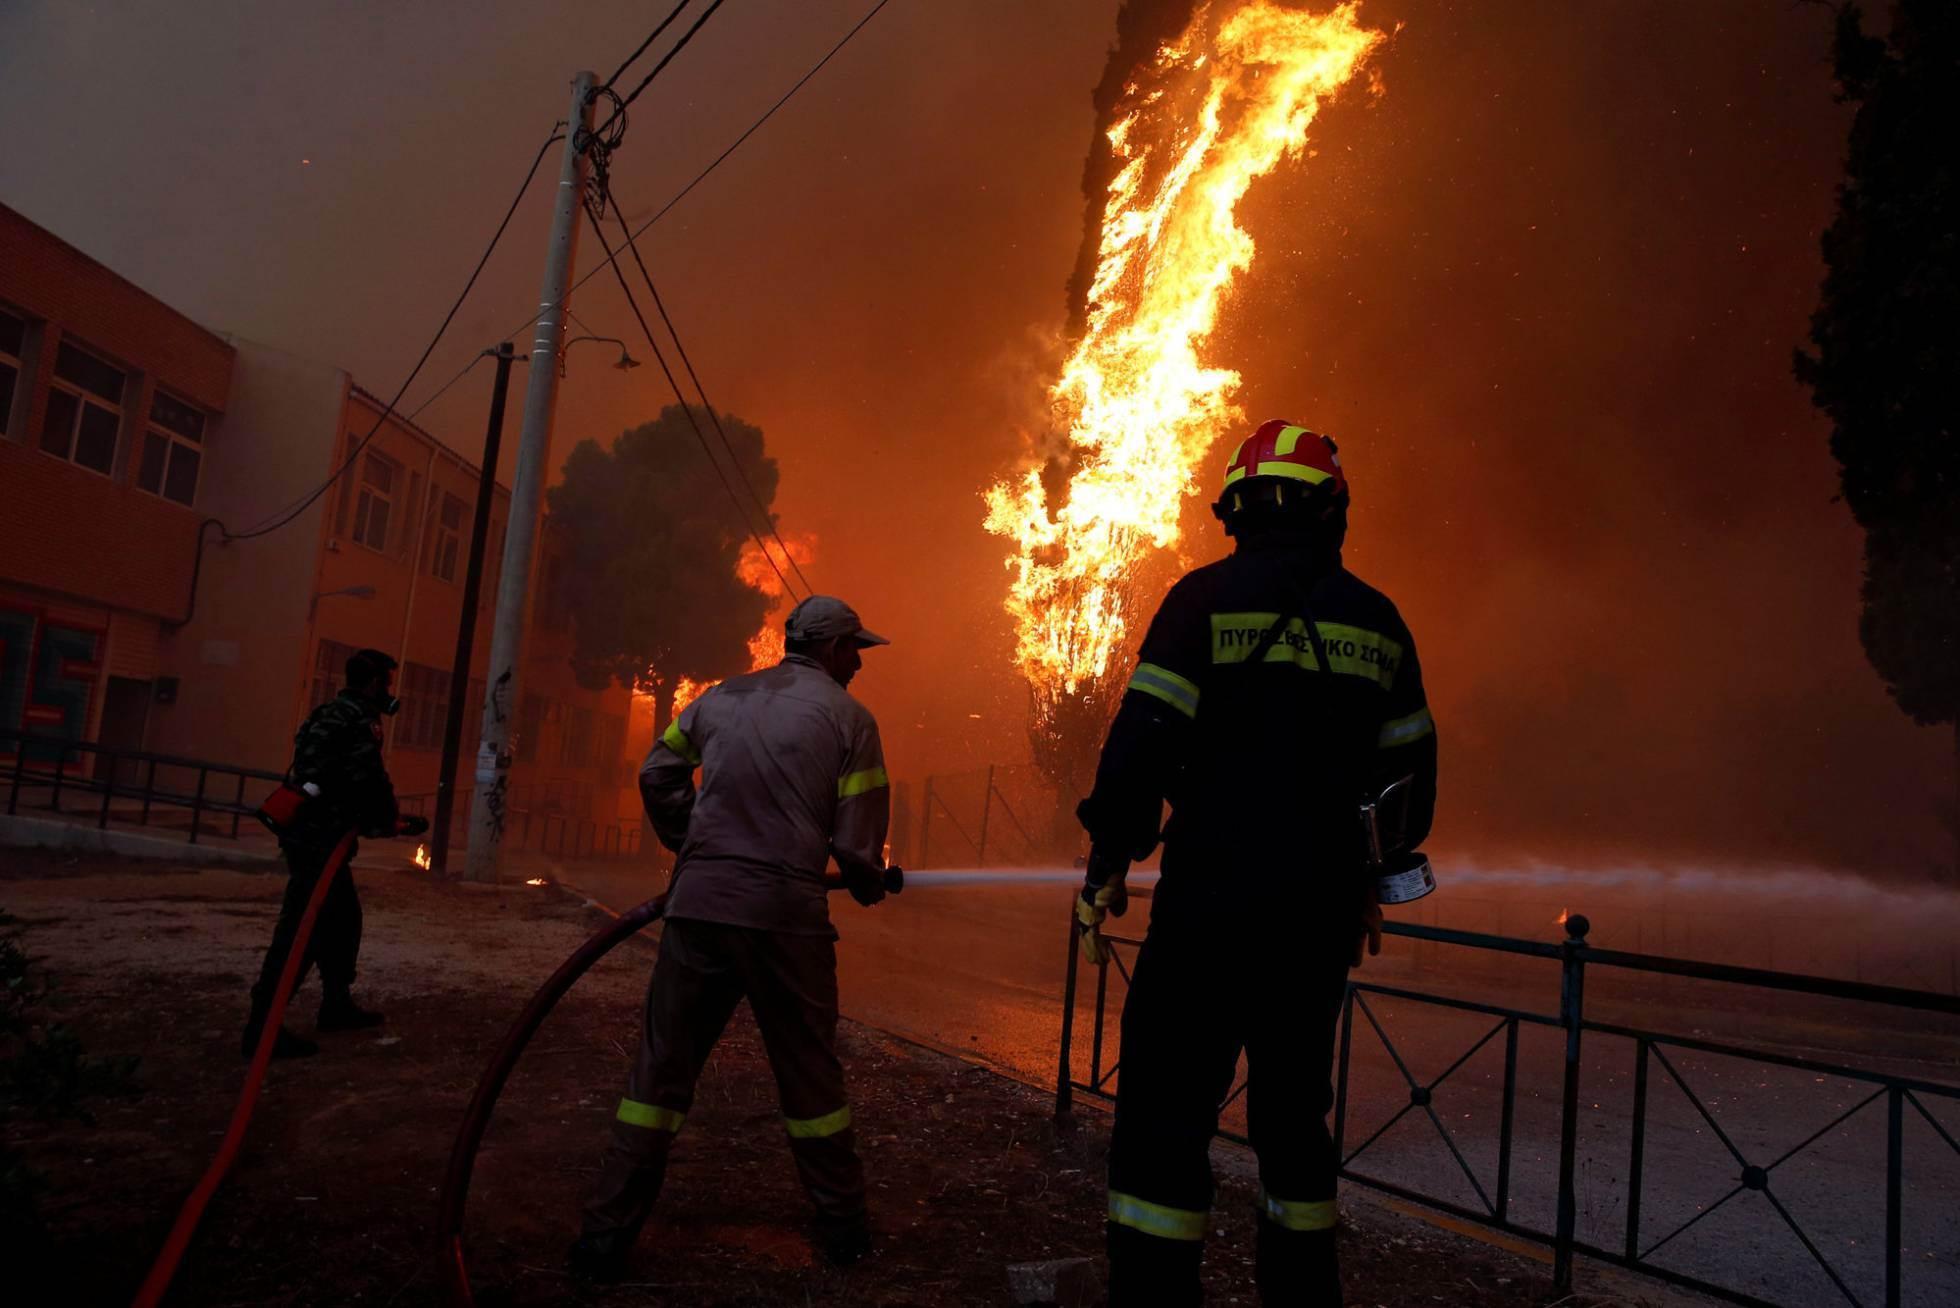 Las tareas de extinción continuaron durante toda la noche pero se vieron dificultadas por los fuertes vientos que alcanzaron fuerza siete en la escala de Beaufort. En la imagen, bomberos intentan apagar las llamas en el pueblo de Rafina (Grecia).